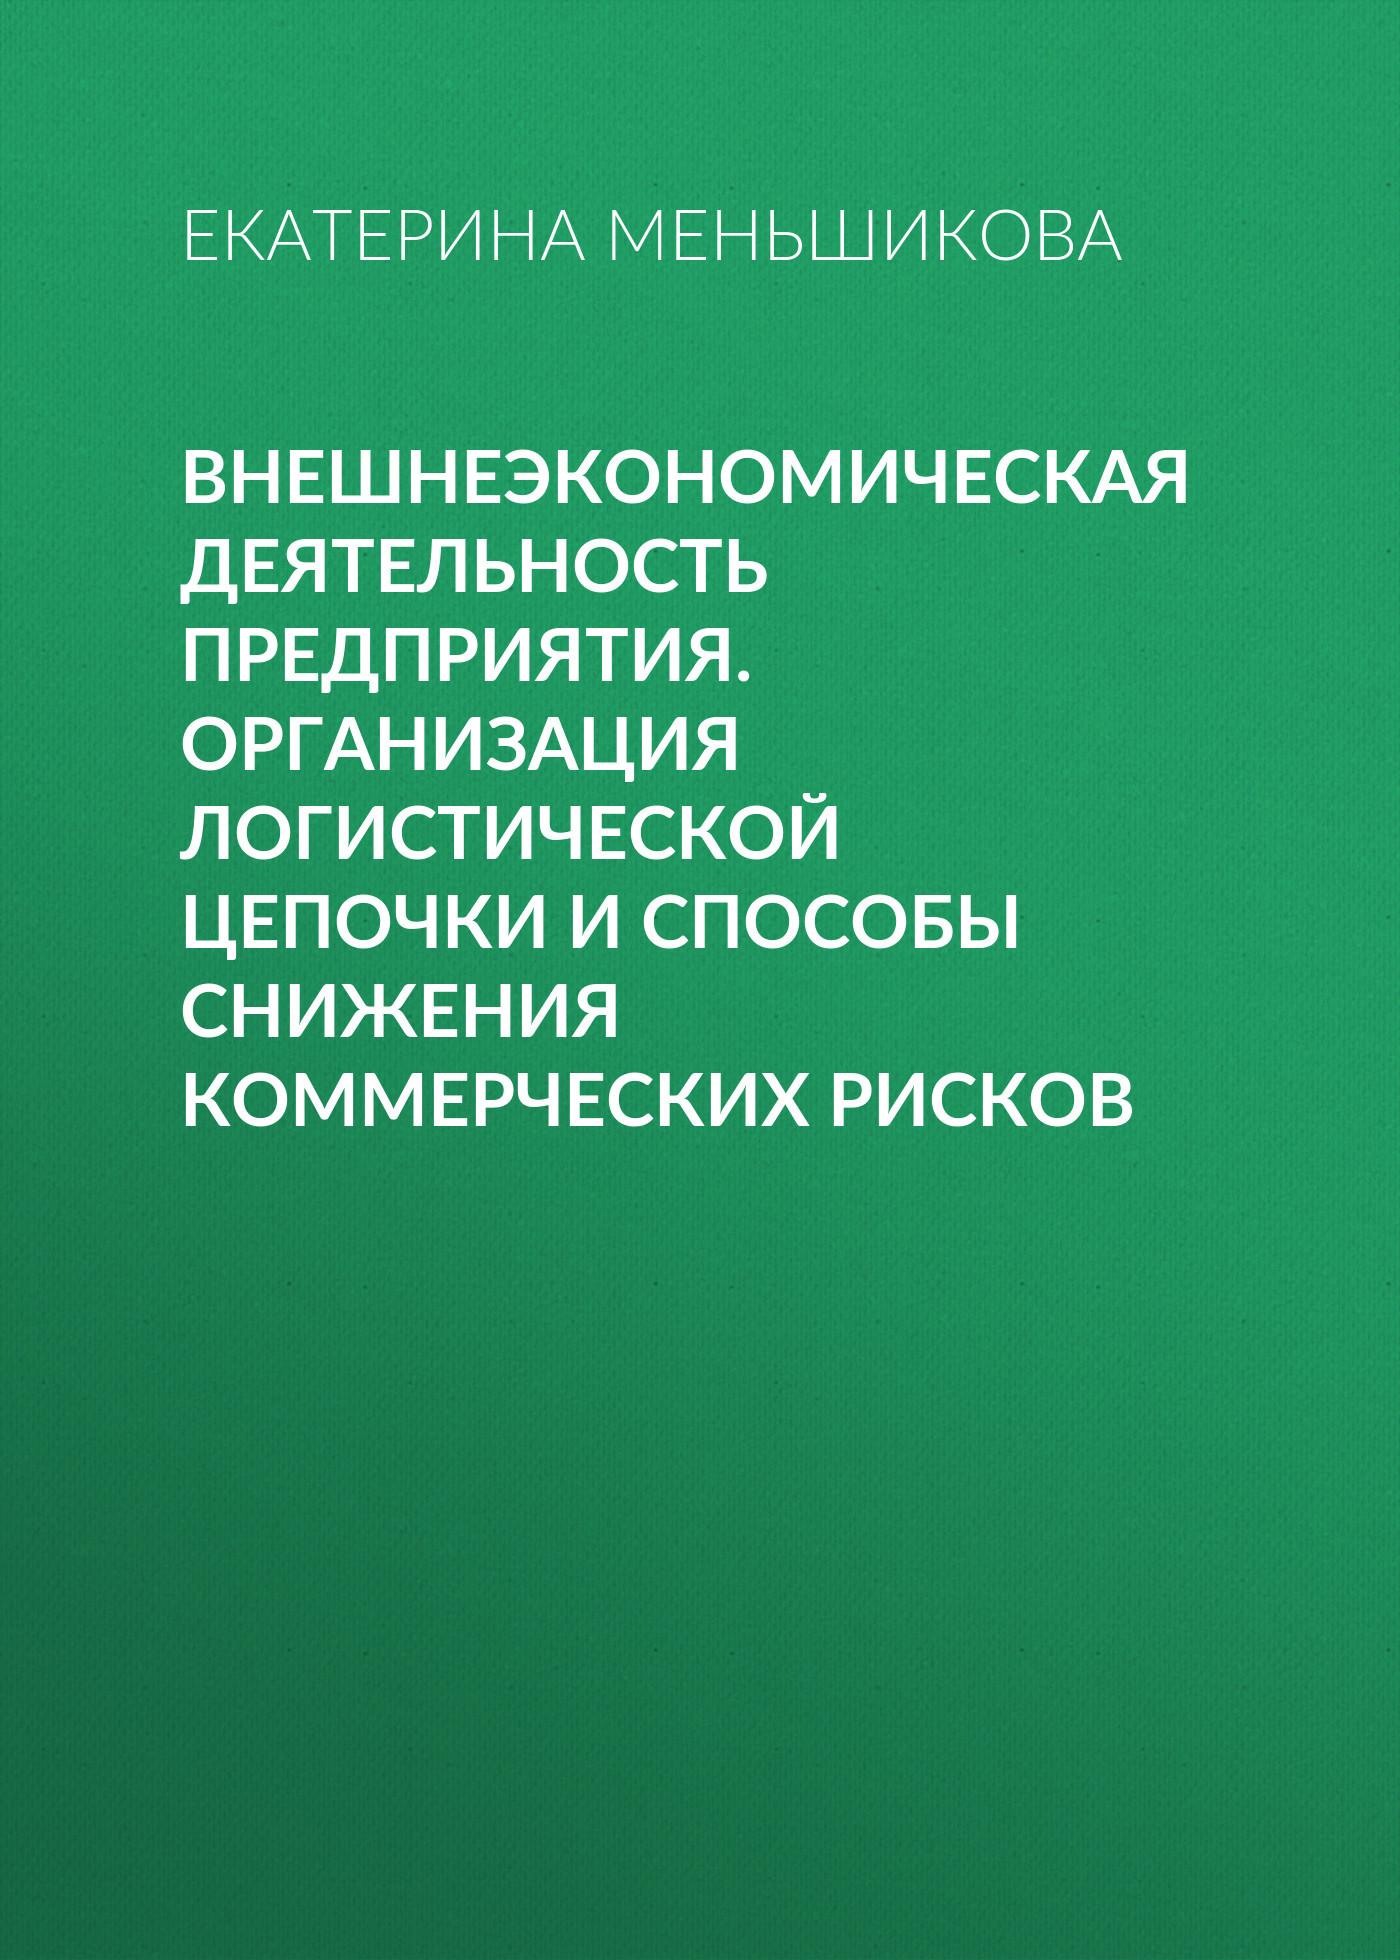 Екатерина Меньшикова бесплатно